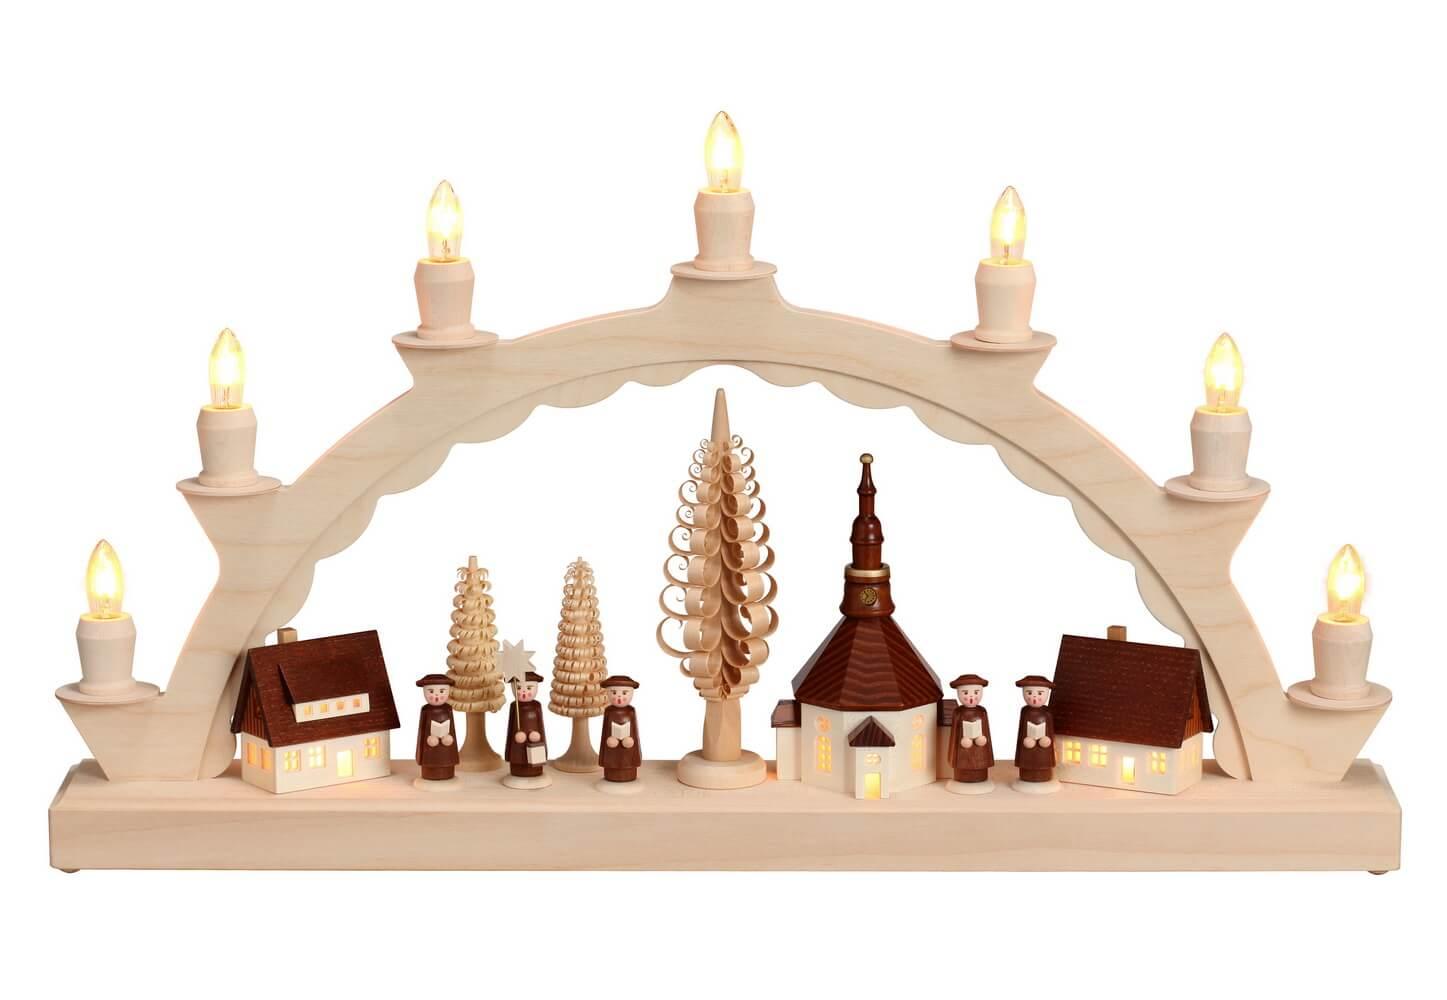 Schwibbogen mit dem Motiv Seiffener Dorf mit Kurrende, komplett elektrisch beleuchtet von Nestler-Seiffen_Bild1